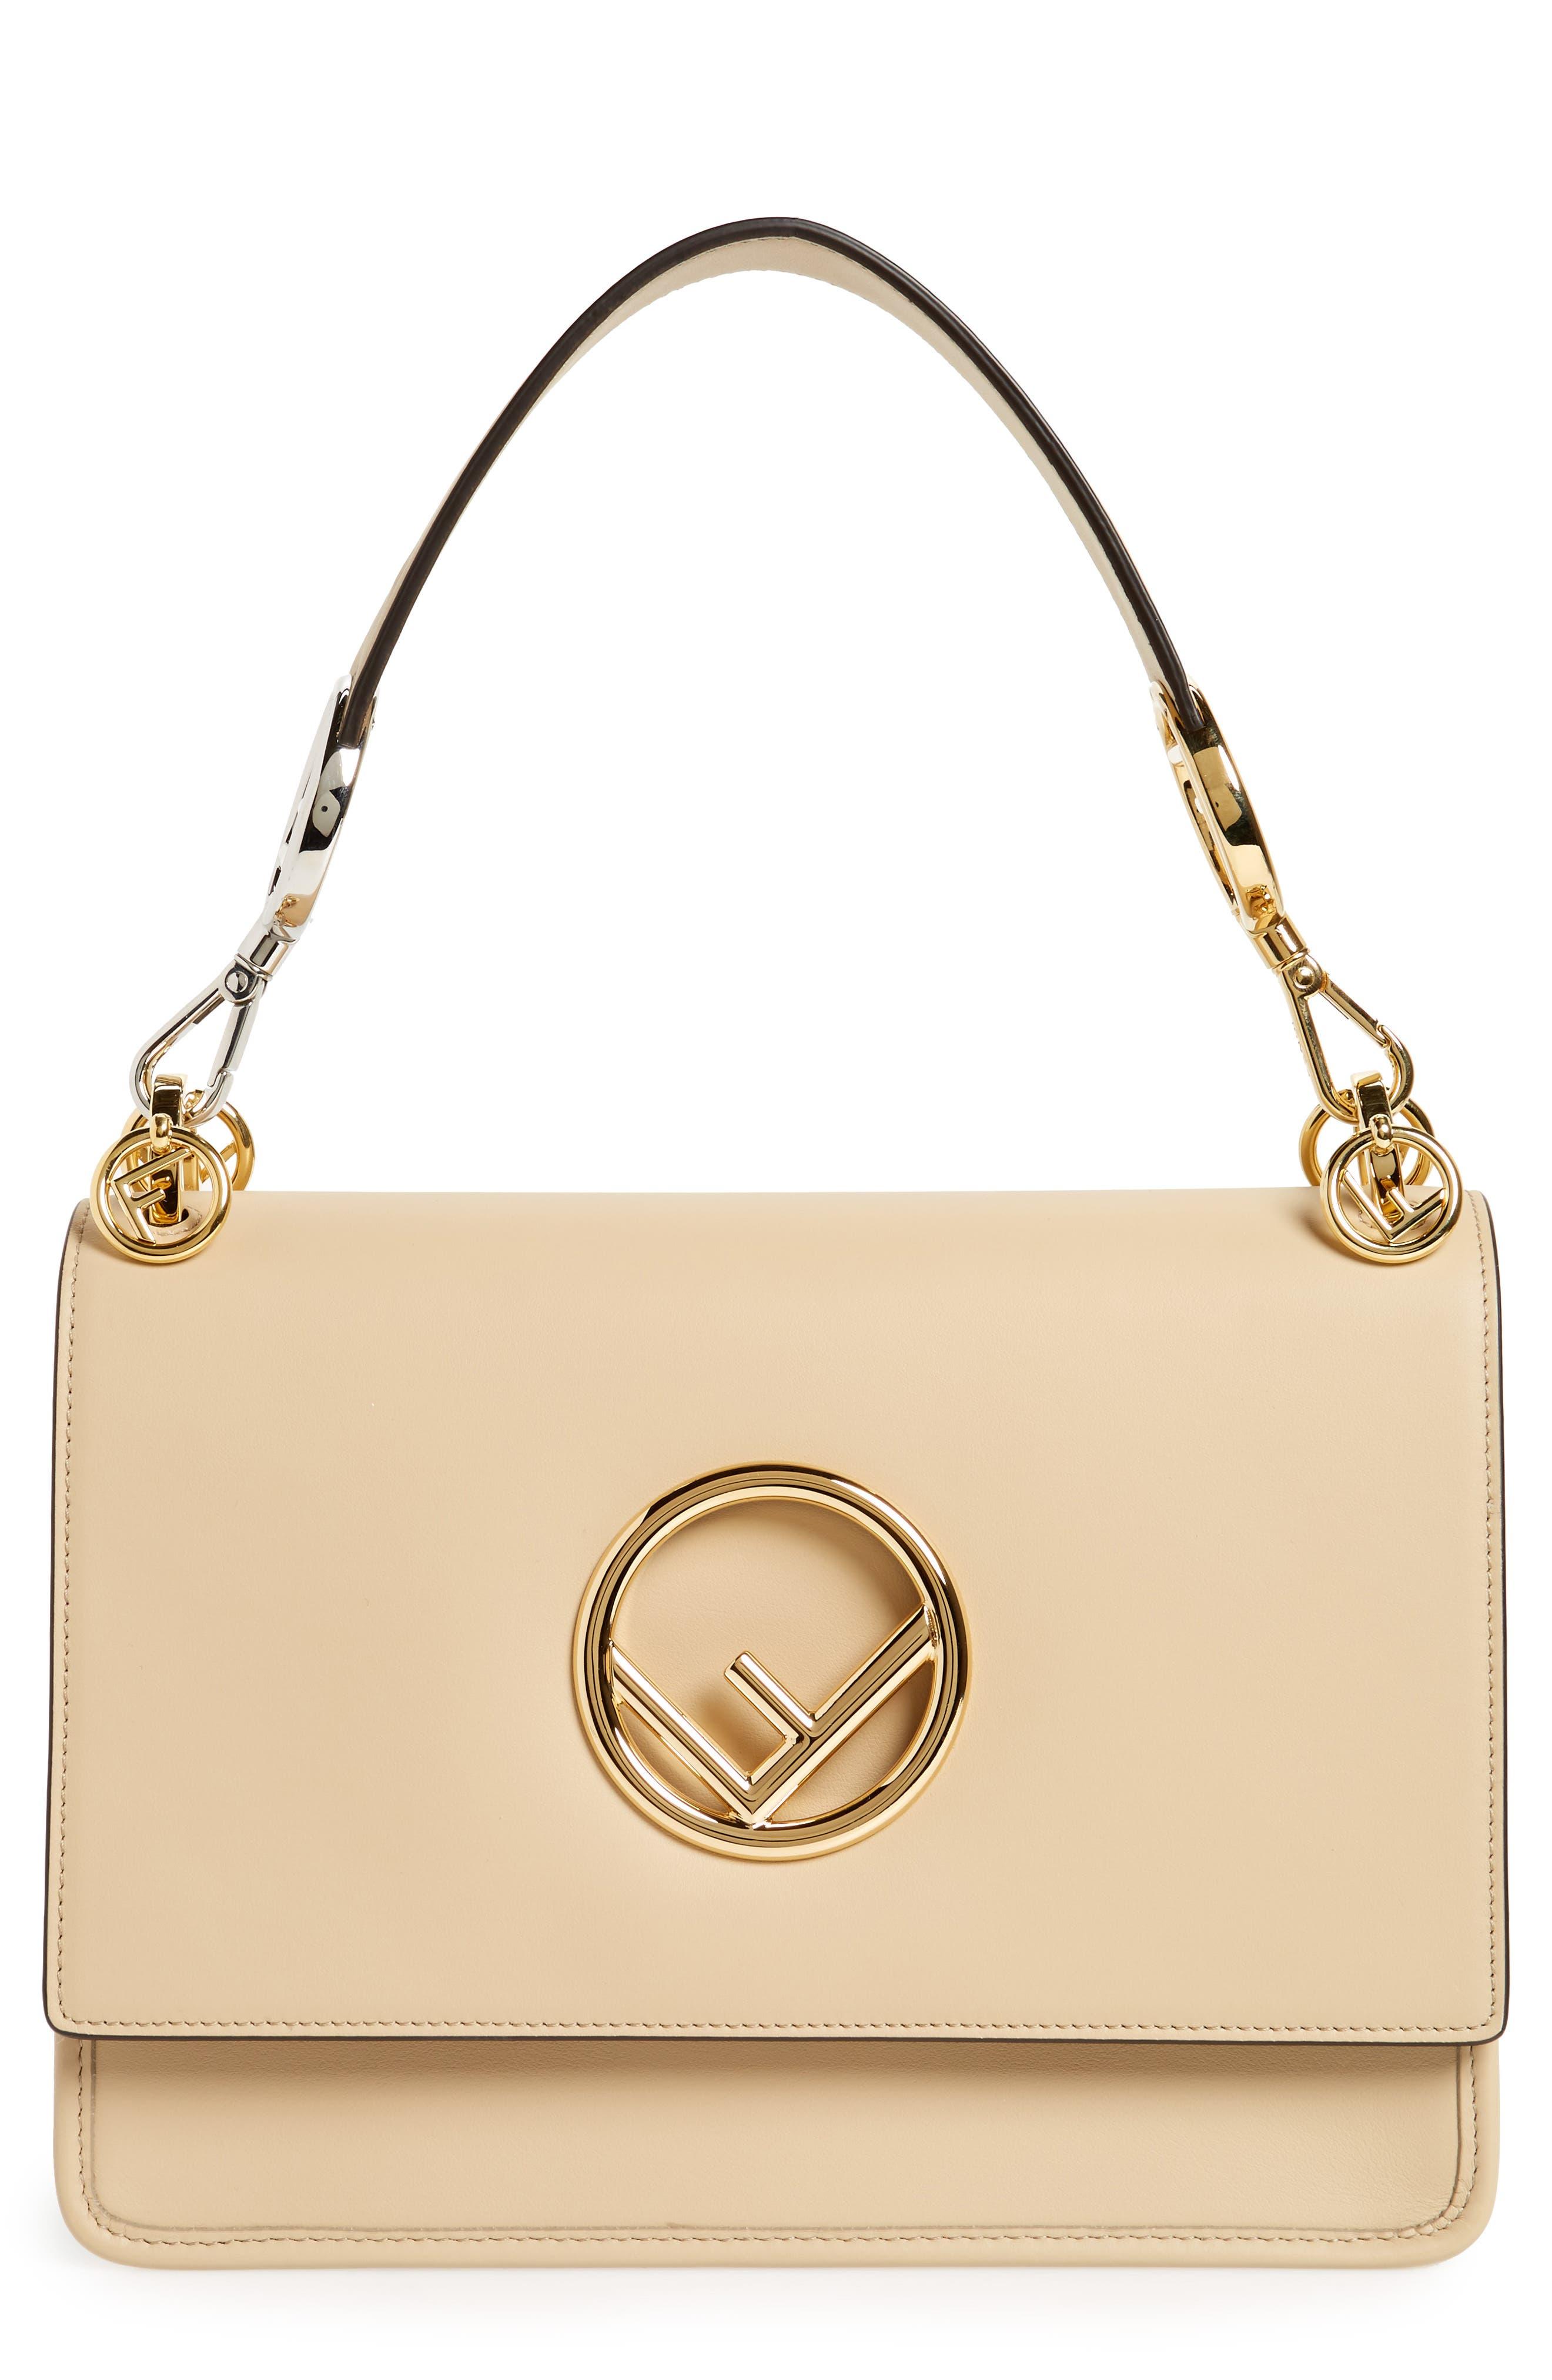 Main Image - Fendi Kan I Calfskin Leather Shoulder Bag